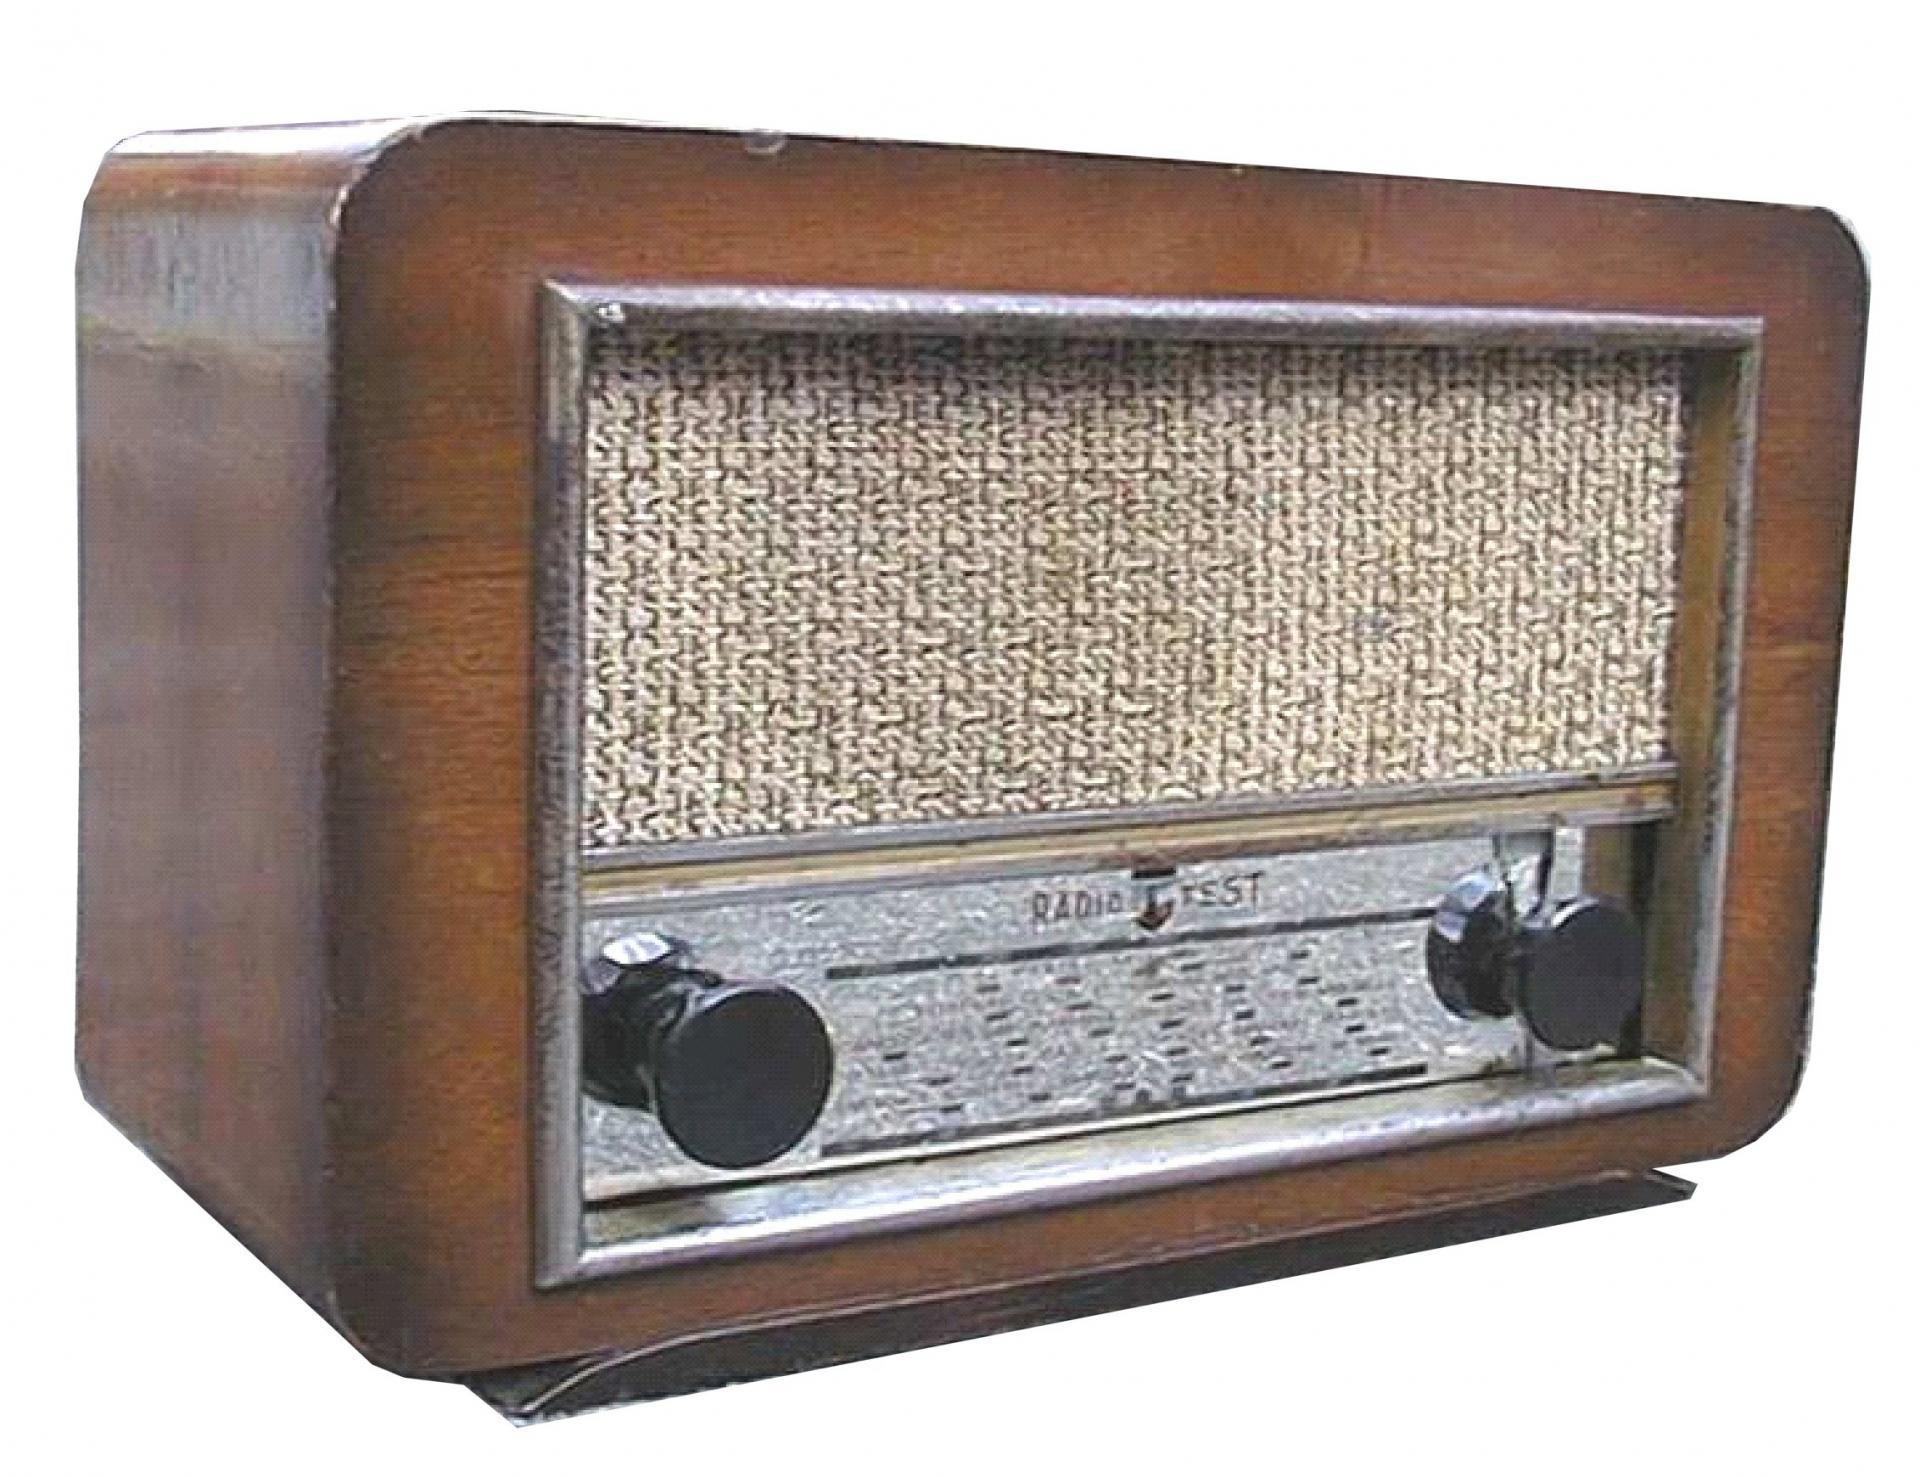 Radio Test 447